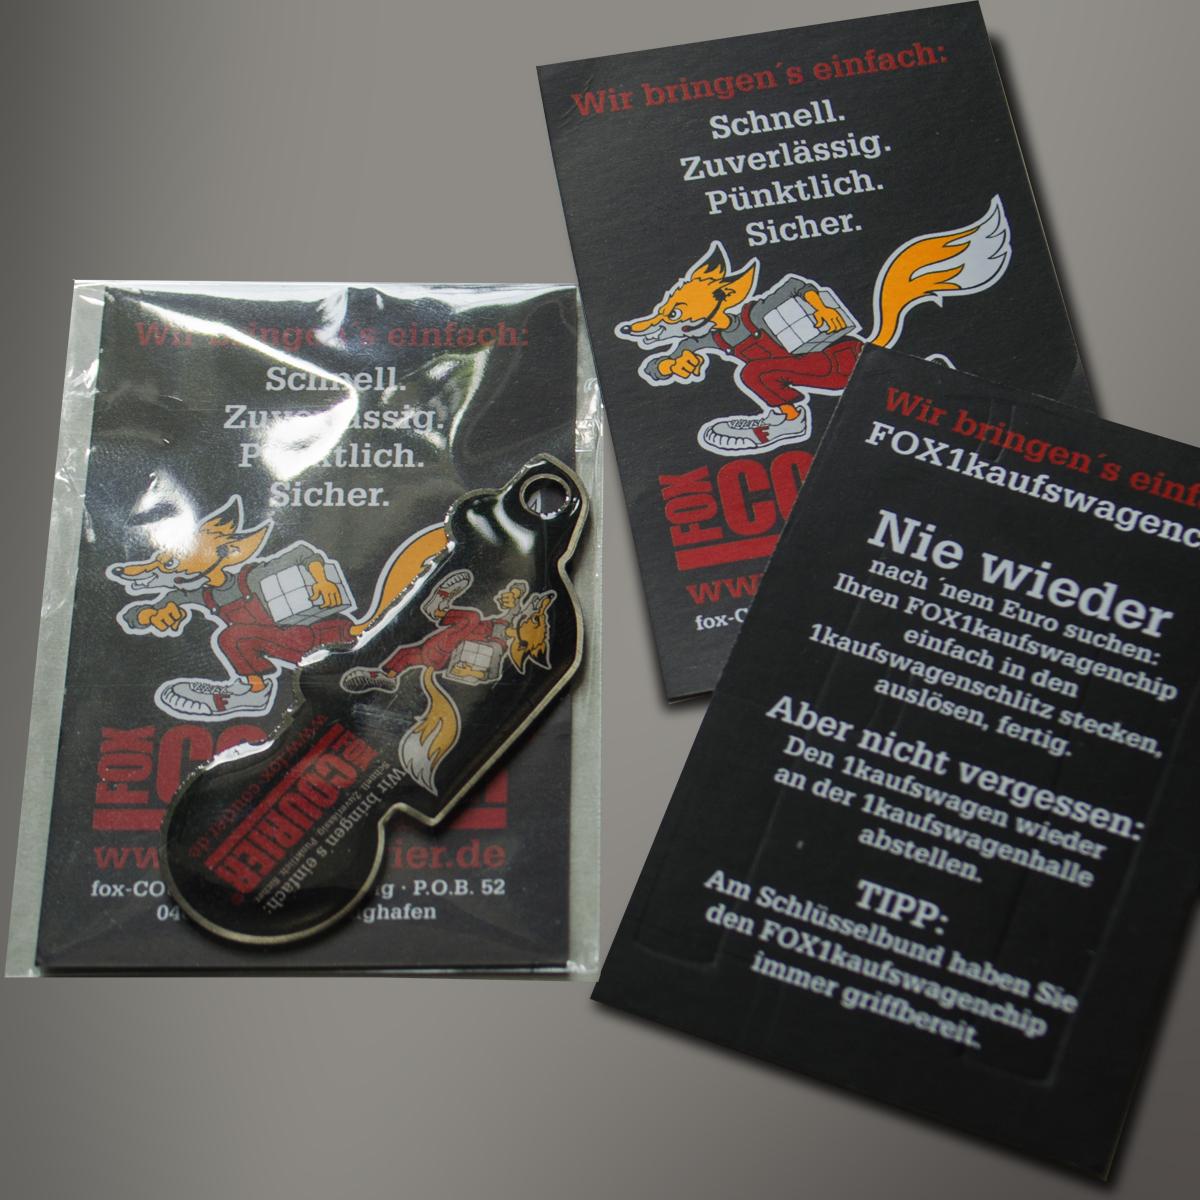 fox1kaufswagenchip, Giveaway für die fox-COURIER GmbH Leipzig von Reichelt Kommunikationsberatung